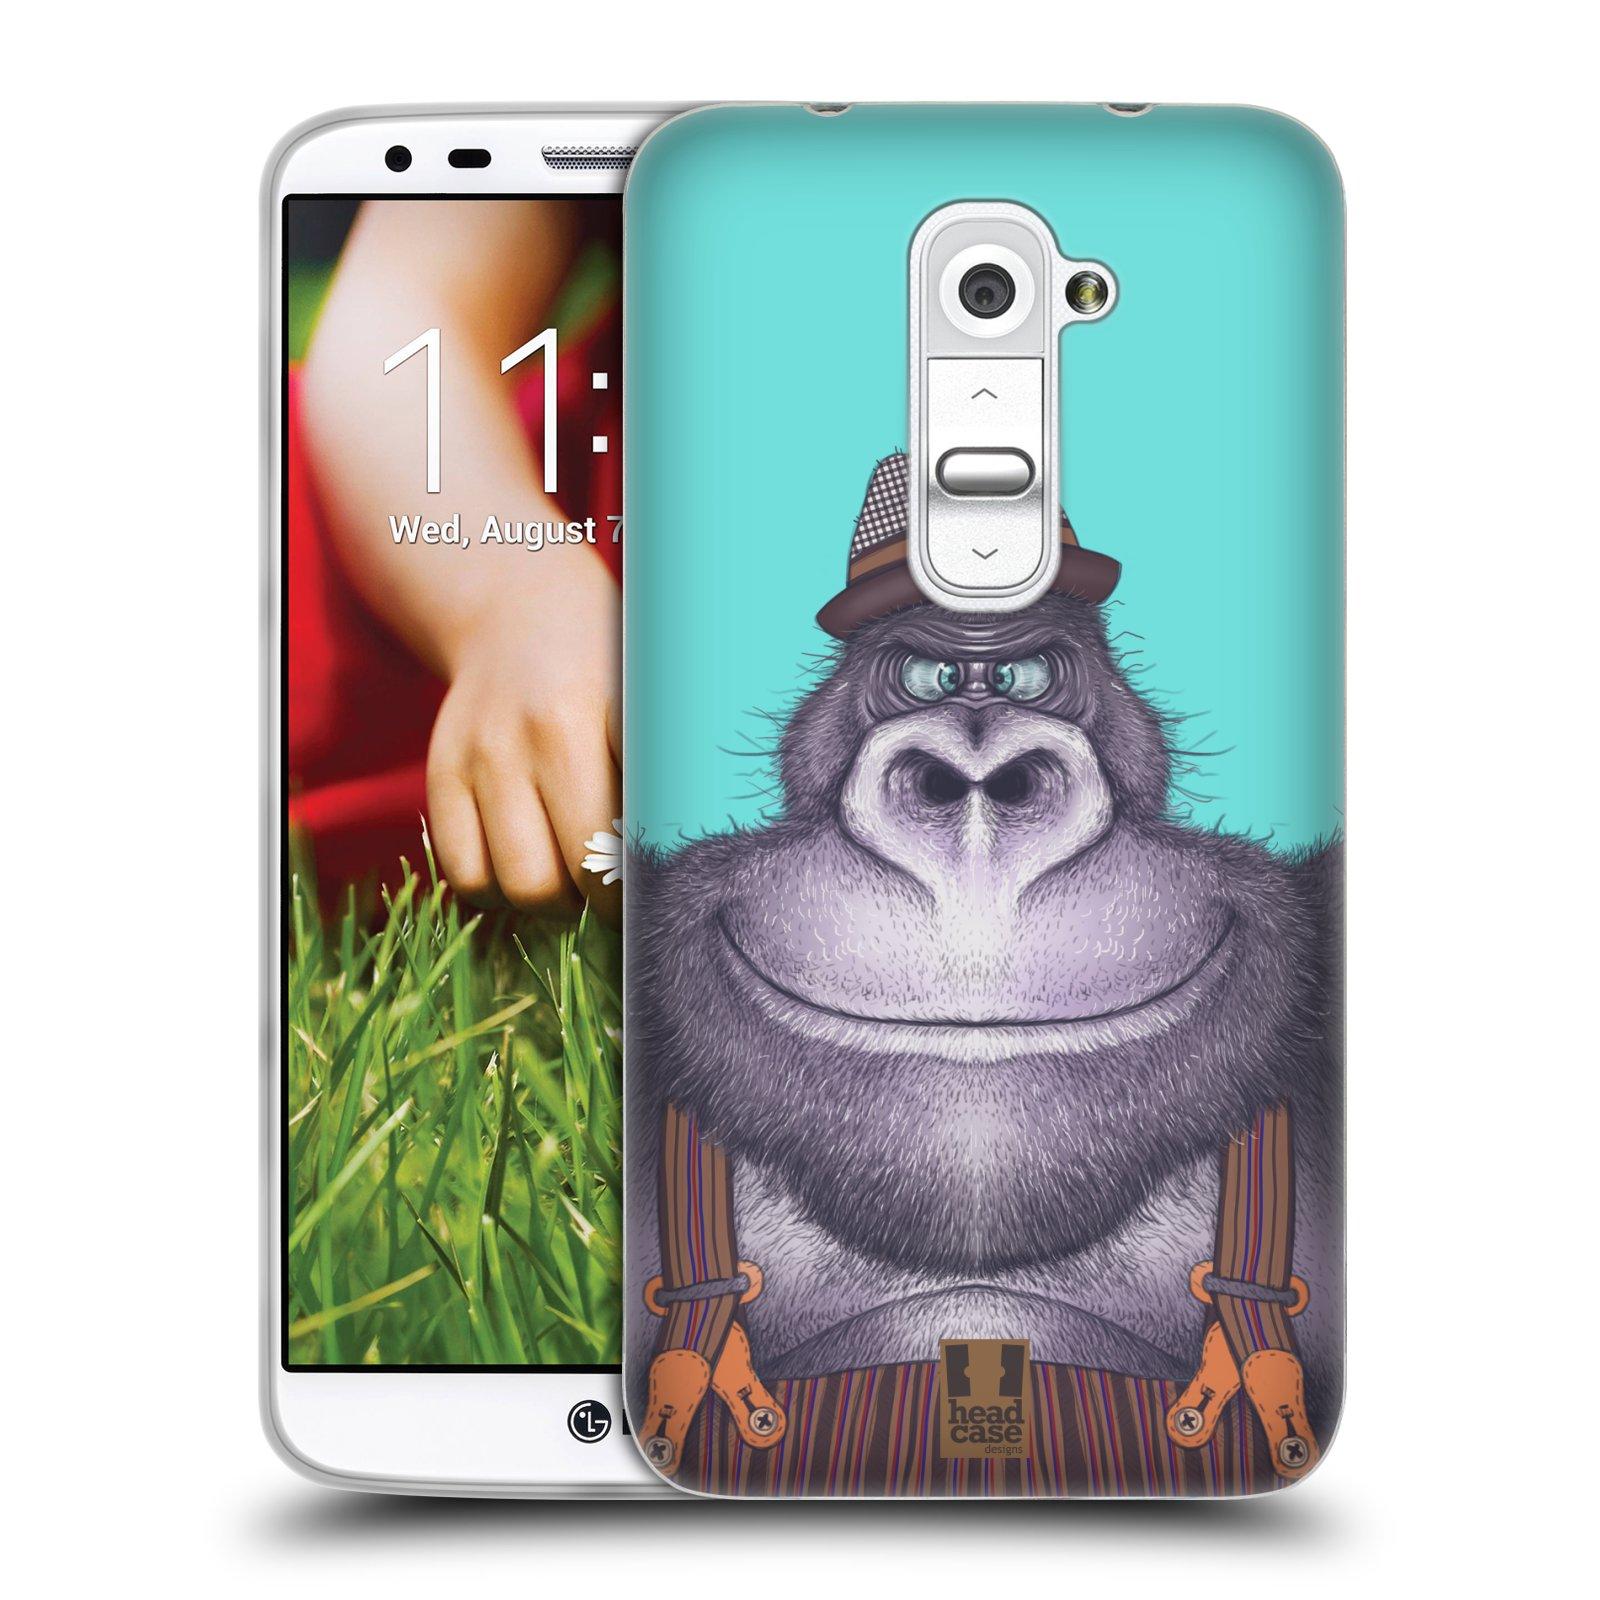 HEAD CASE silikonový obal na mobil LG G2 vzor Kreslená zvířátka gorila